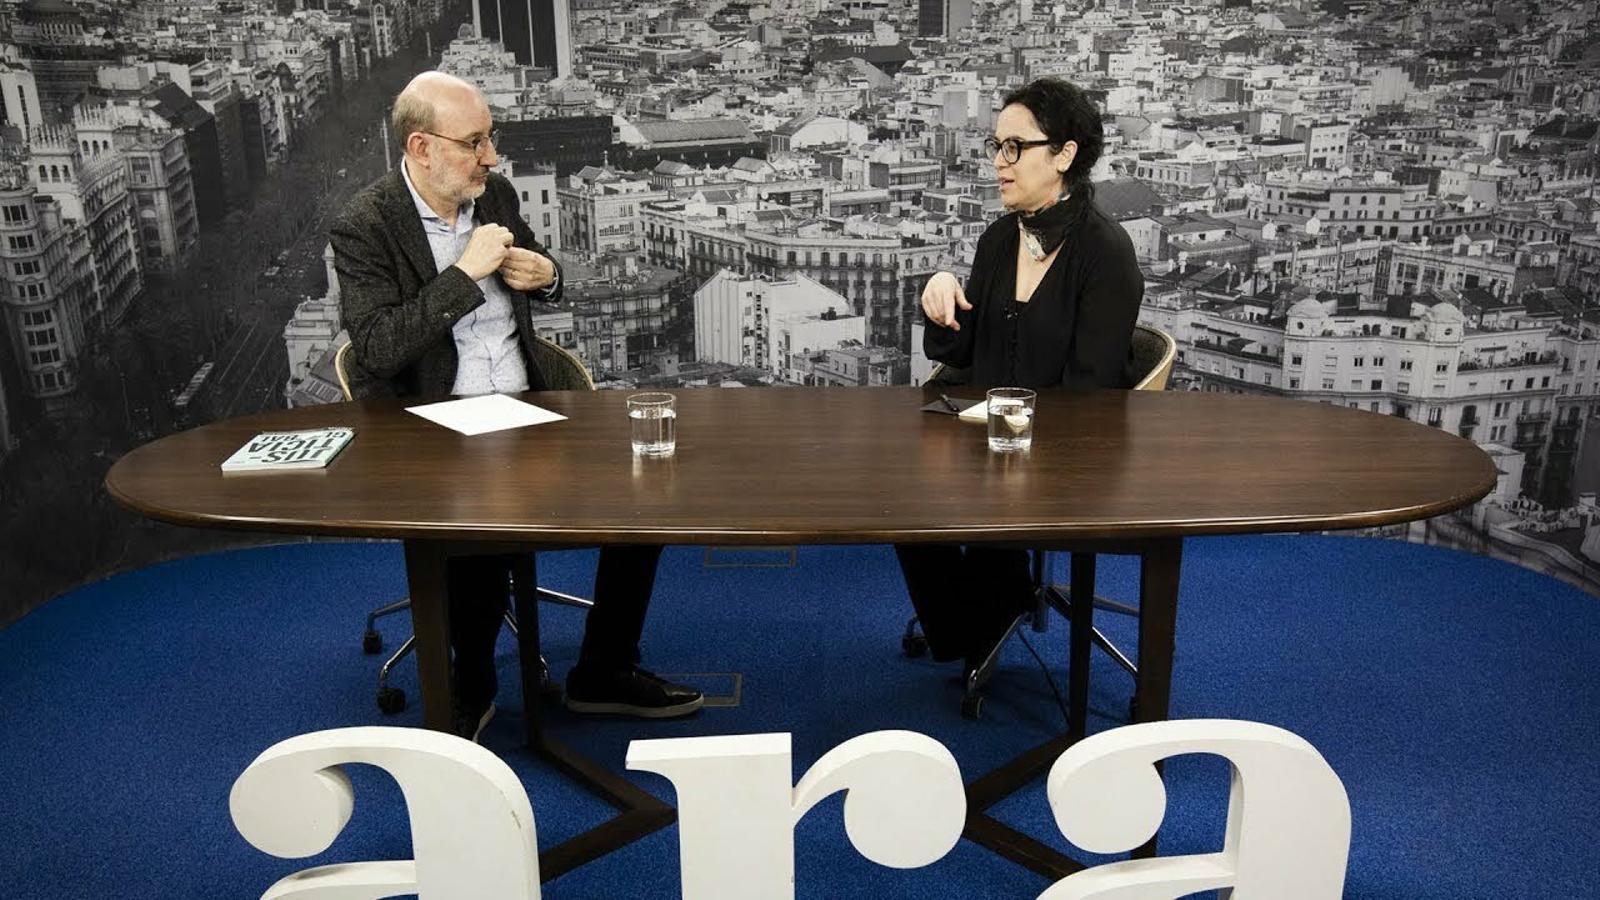 Entrevista d'Antoni Bassas a Marcia Tiburi